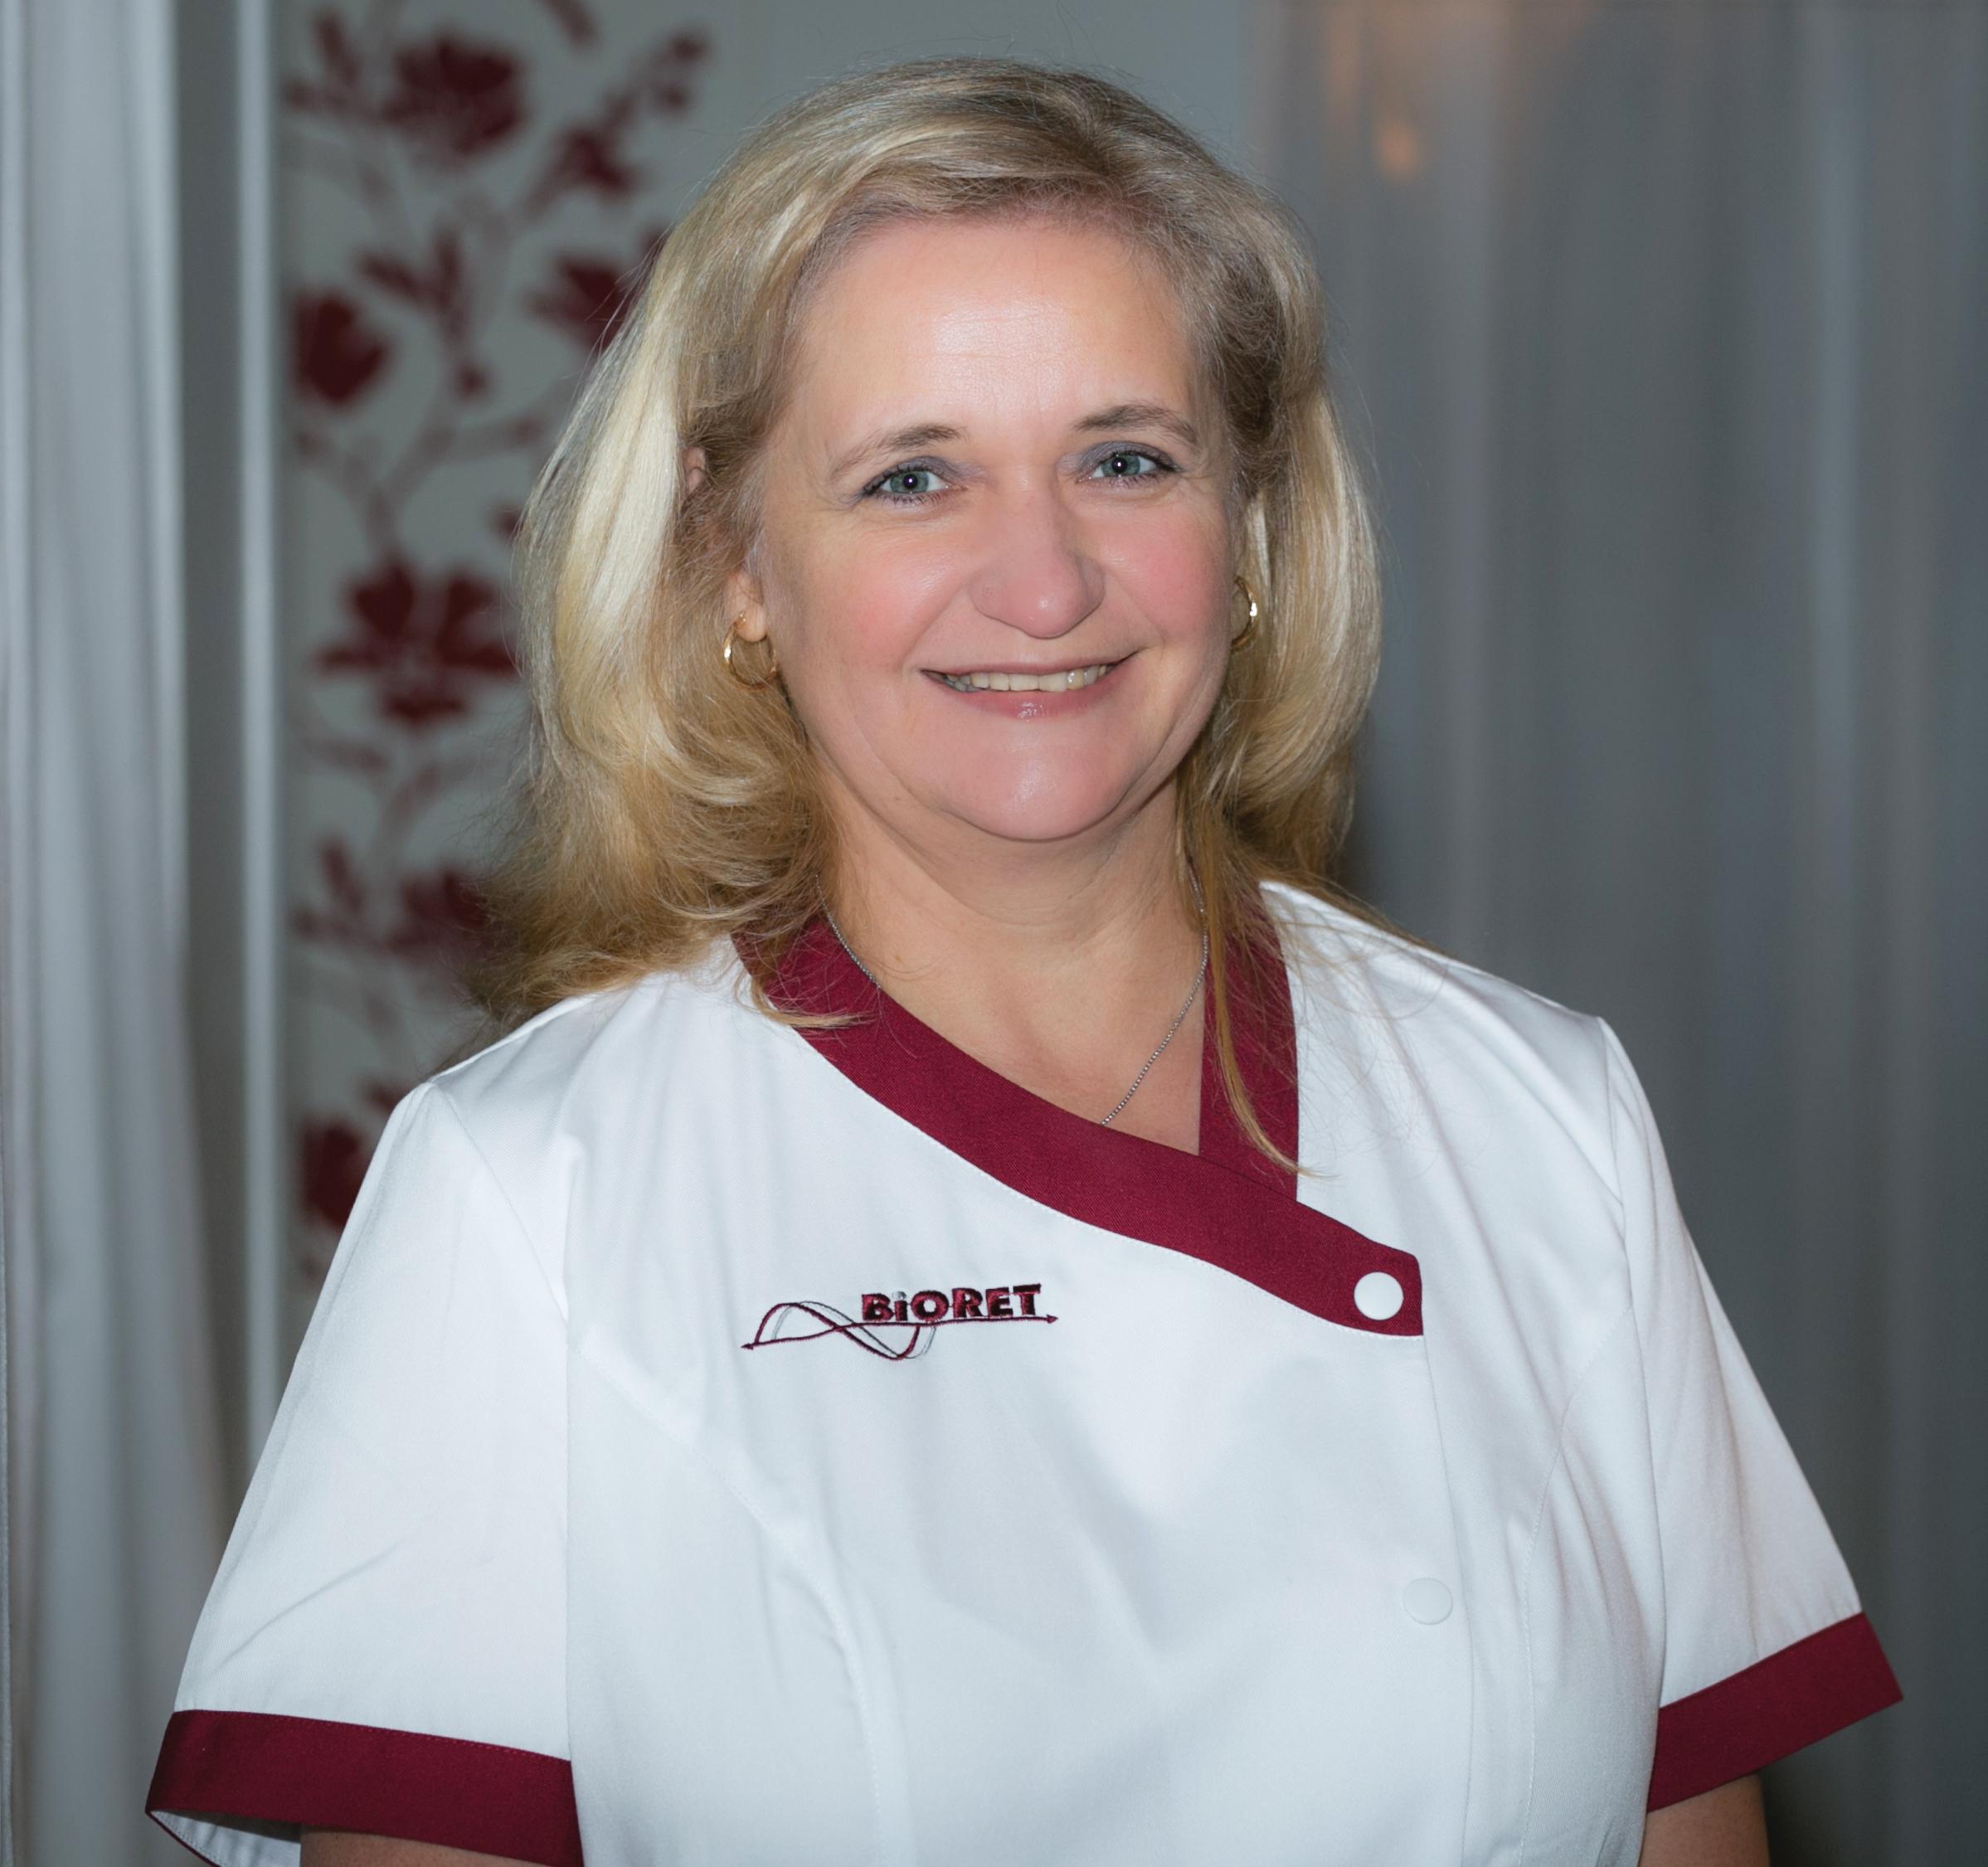 TCM-Szabova-Renata-bioret